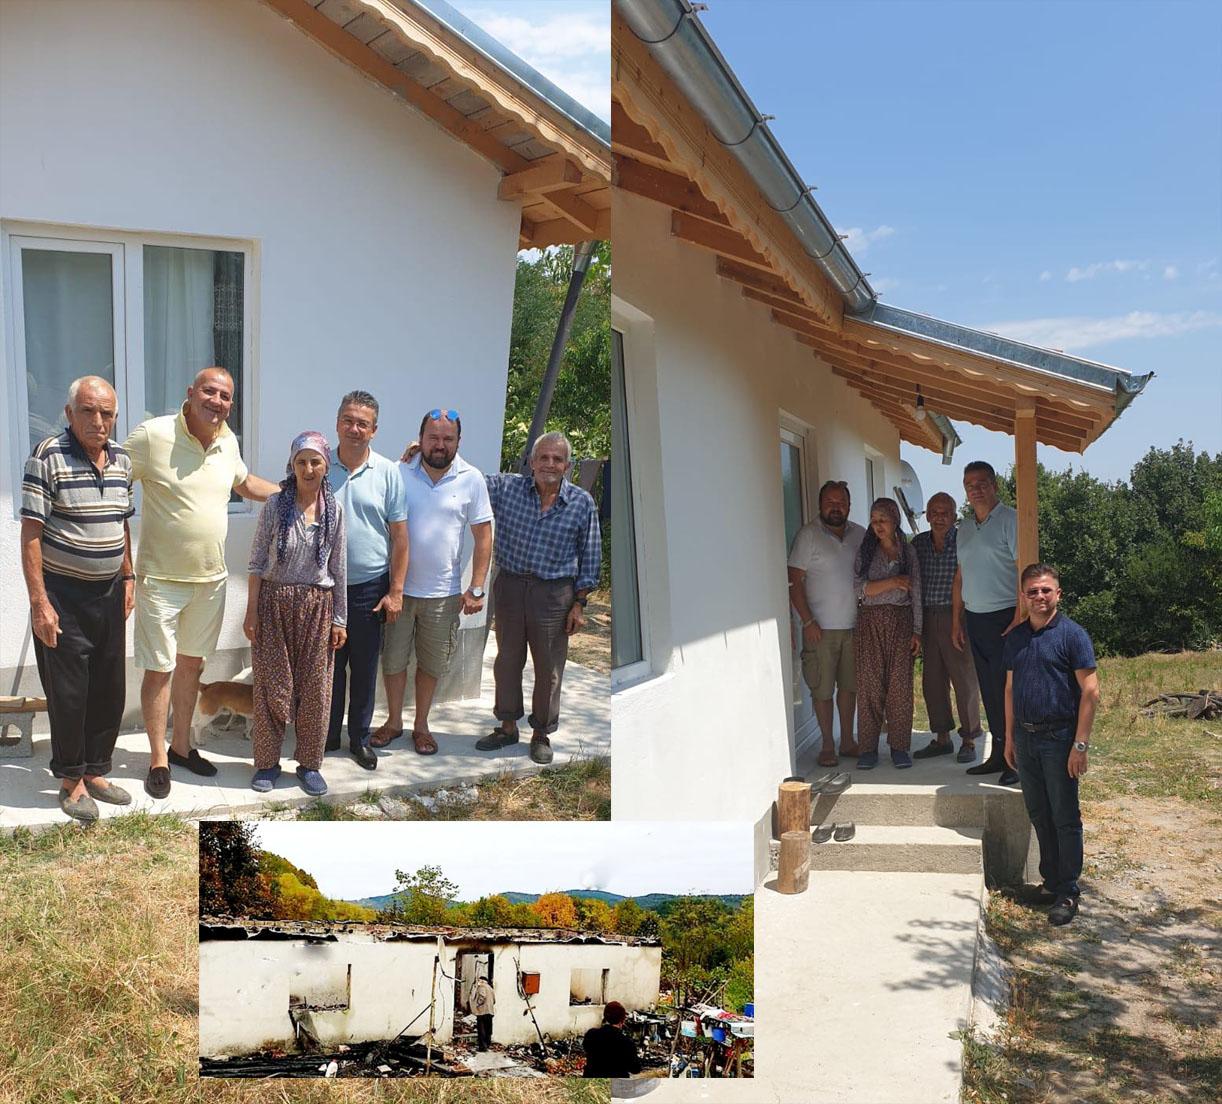 9 месеца след трагедията в Ридино: Благодетели възстановиха изгорялата къща